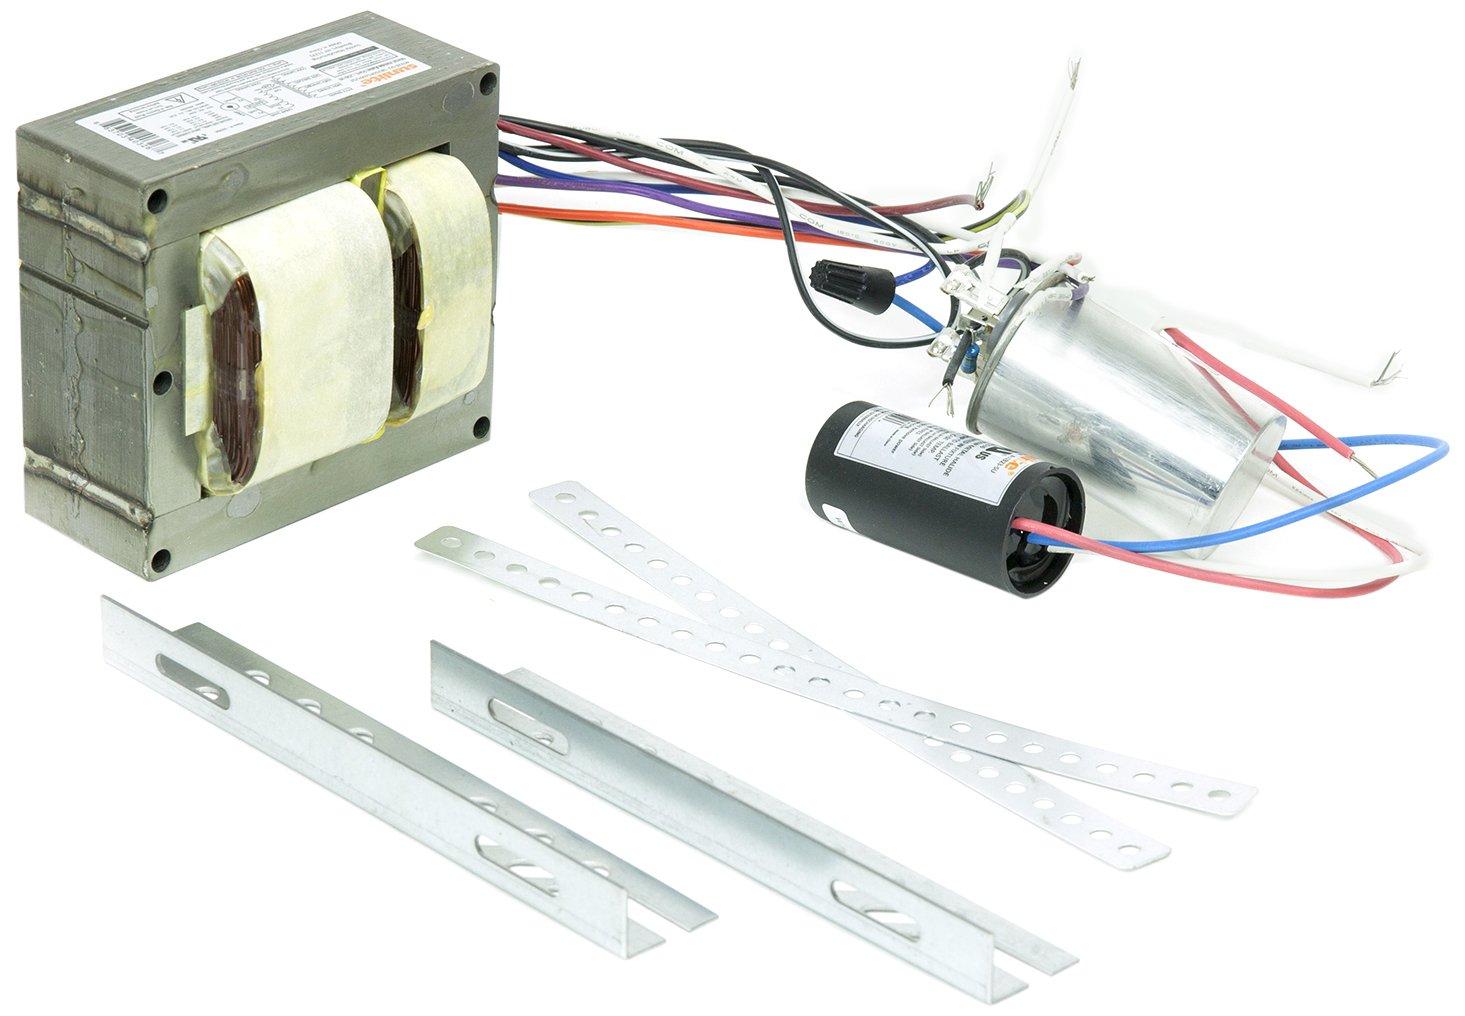 Sunlite 40326-SU SB250PS/MH/QT 250-watt Metal Halide Ballast Quad Tap Ballast Kit, Multi volt